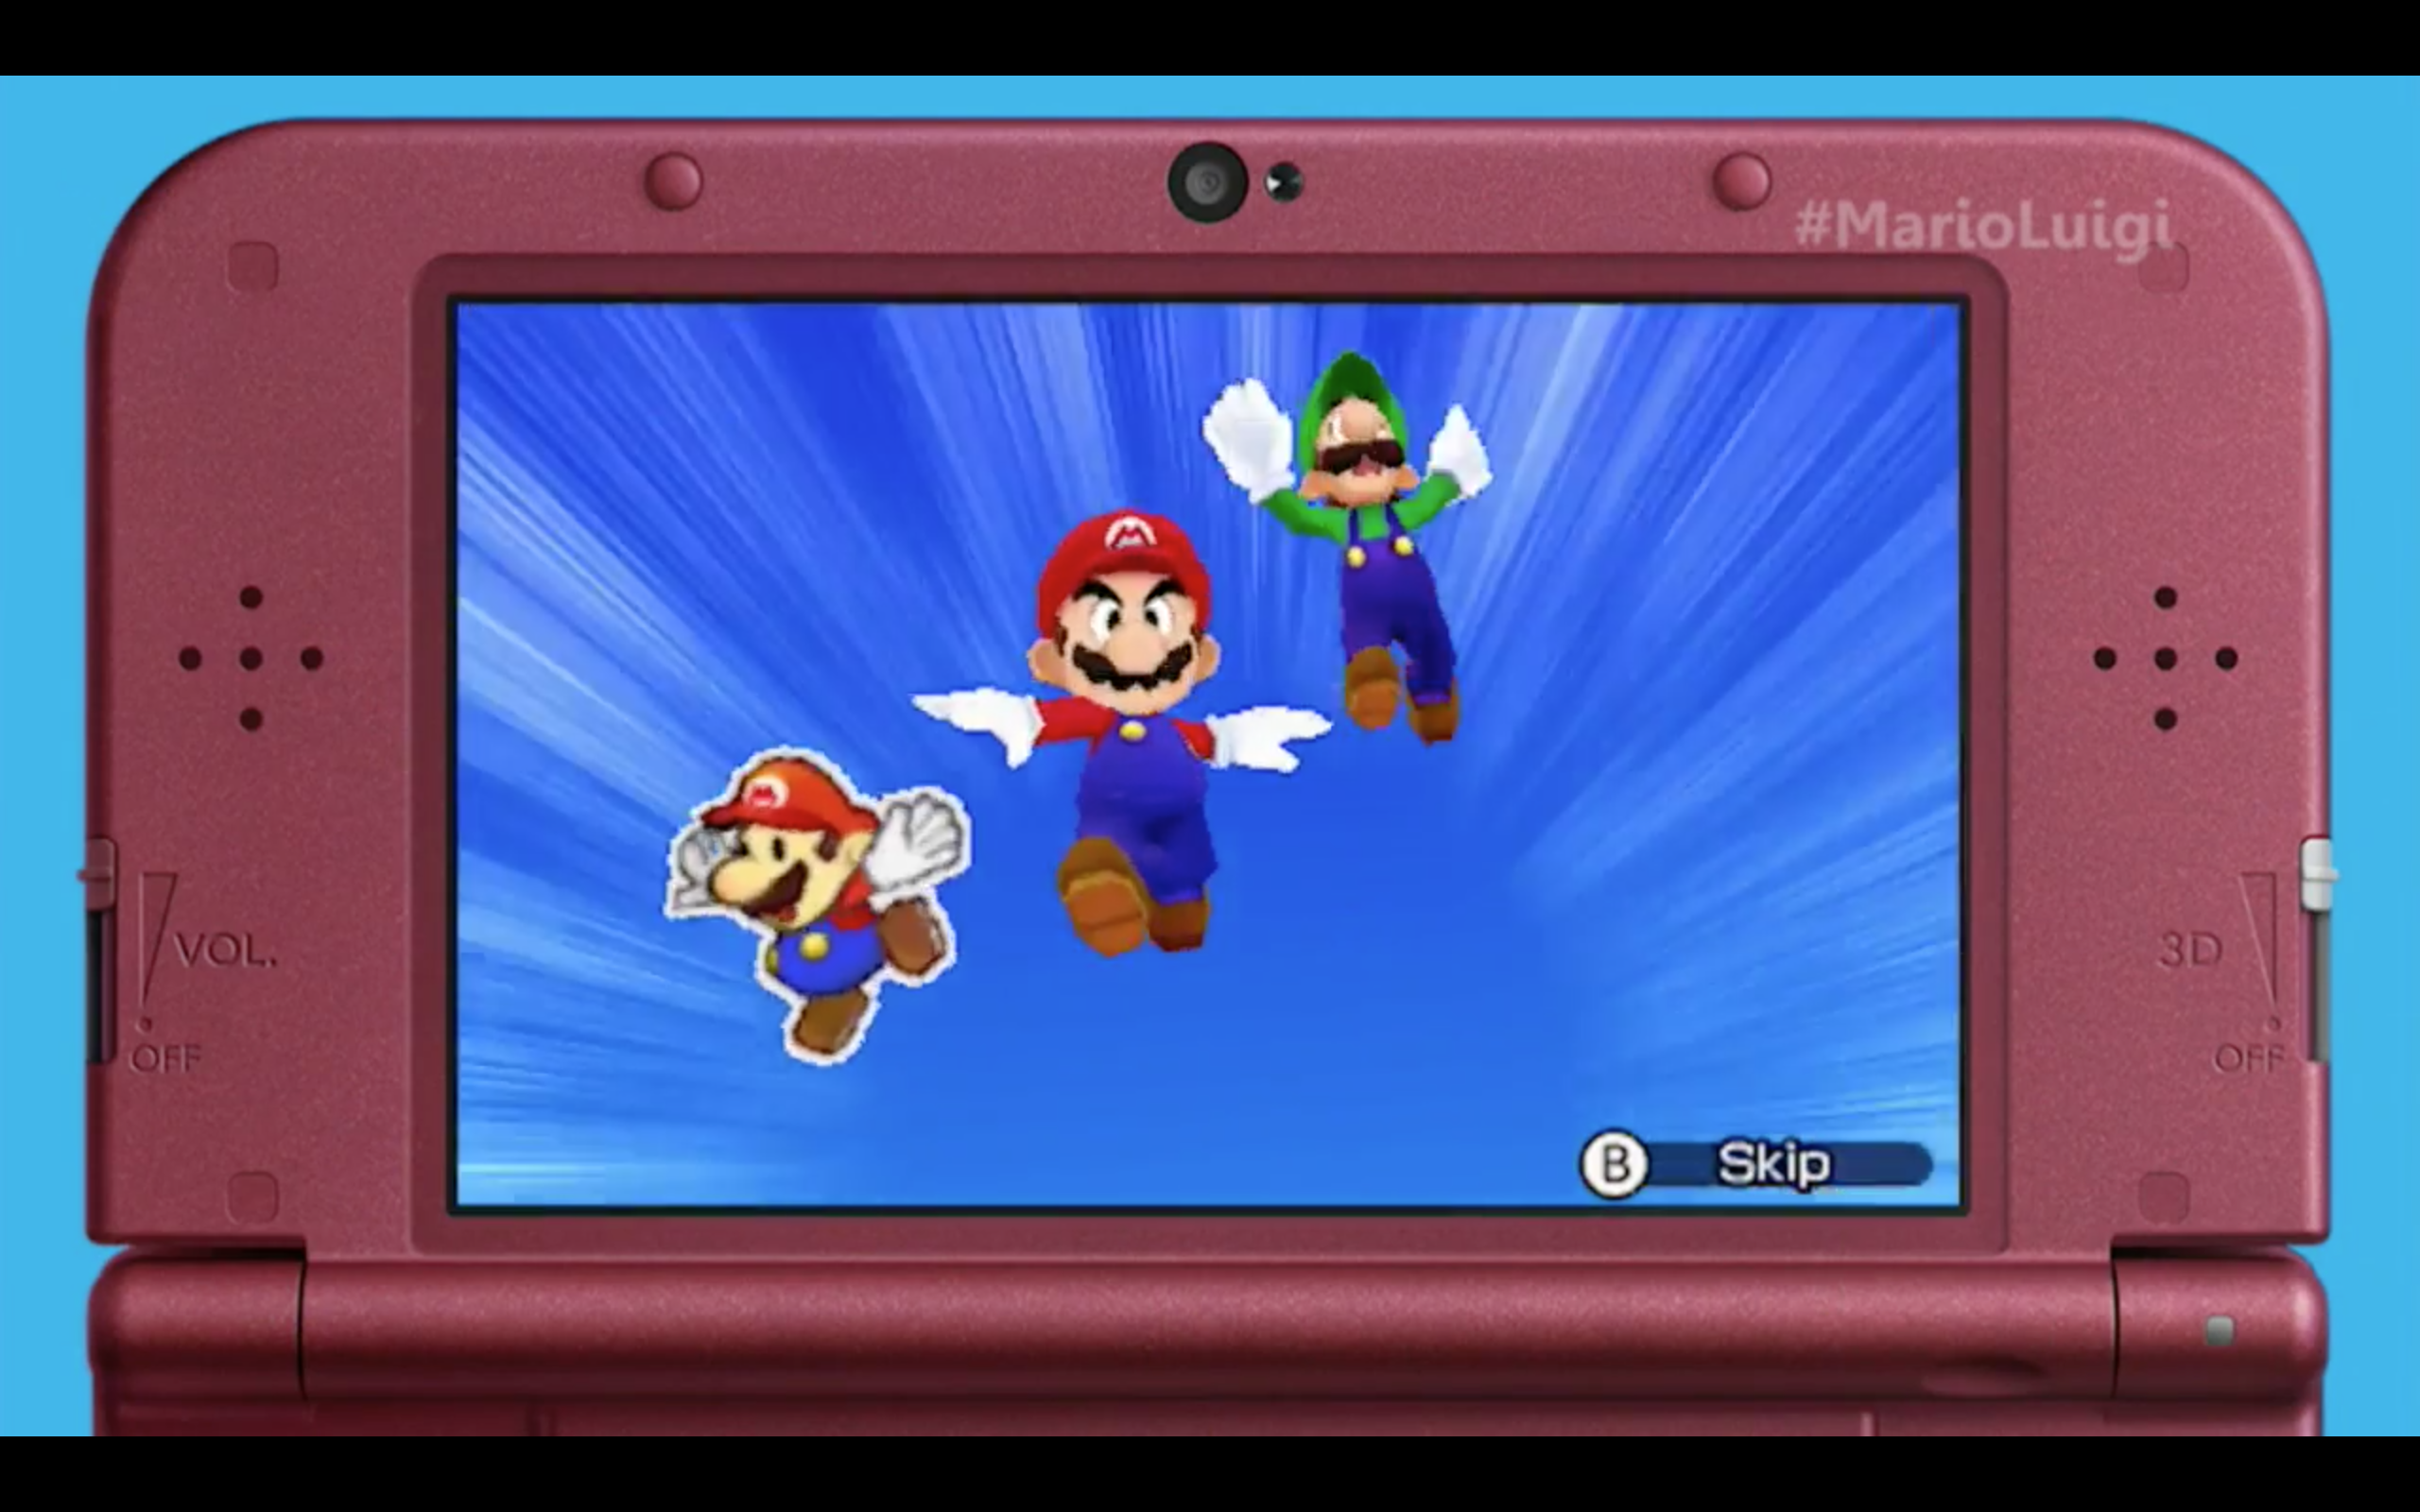 Mario Luigi Paper Jam Für 3ds Angekündigt Mario Luigi Paper